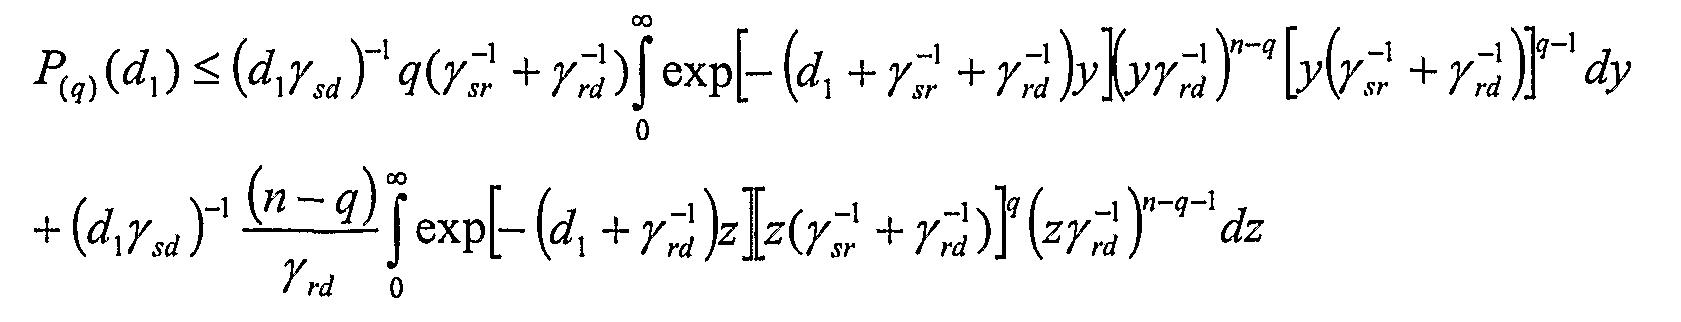 Figure imgf000020_0010